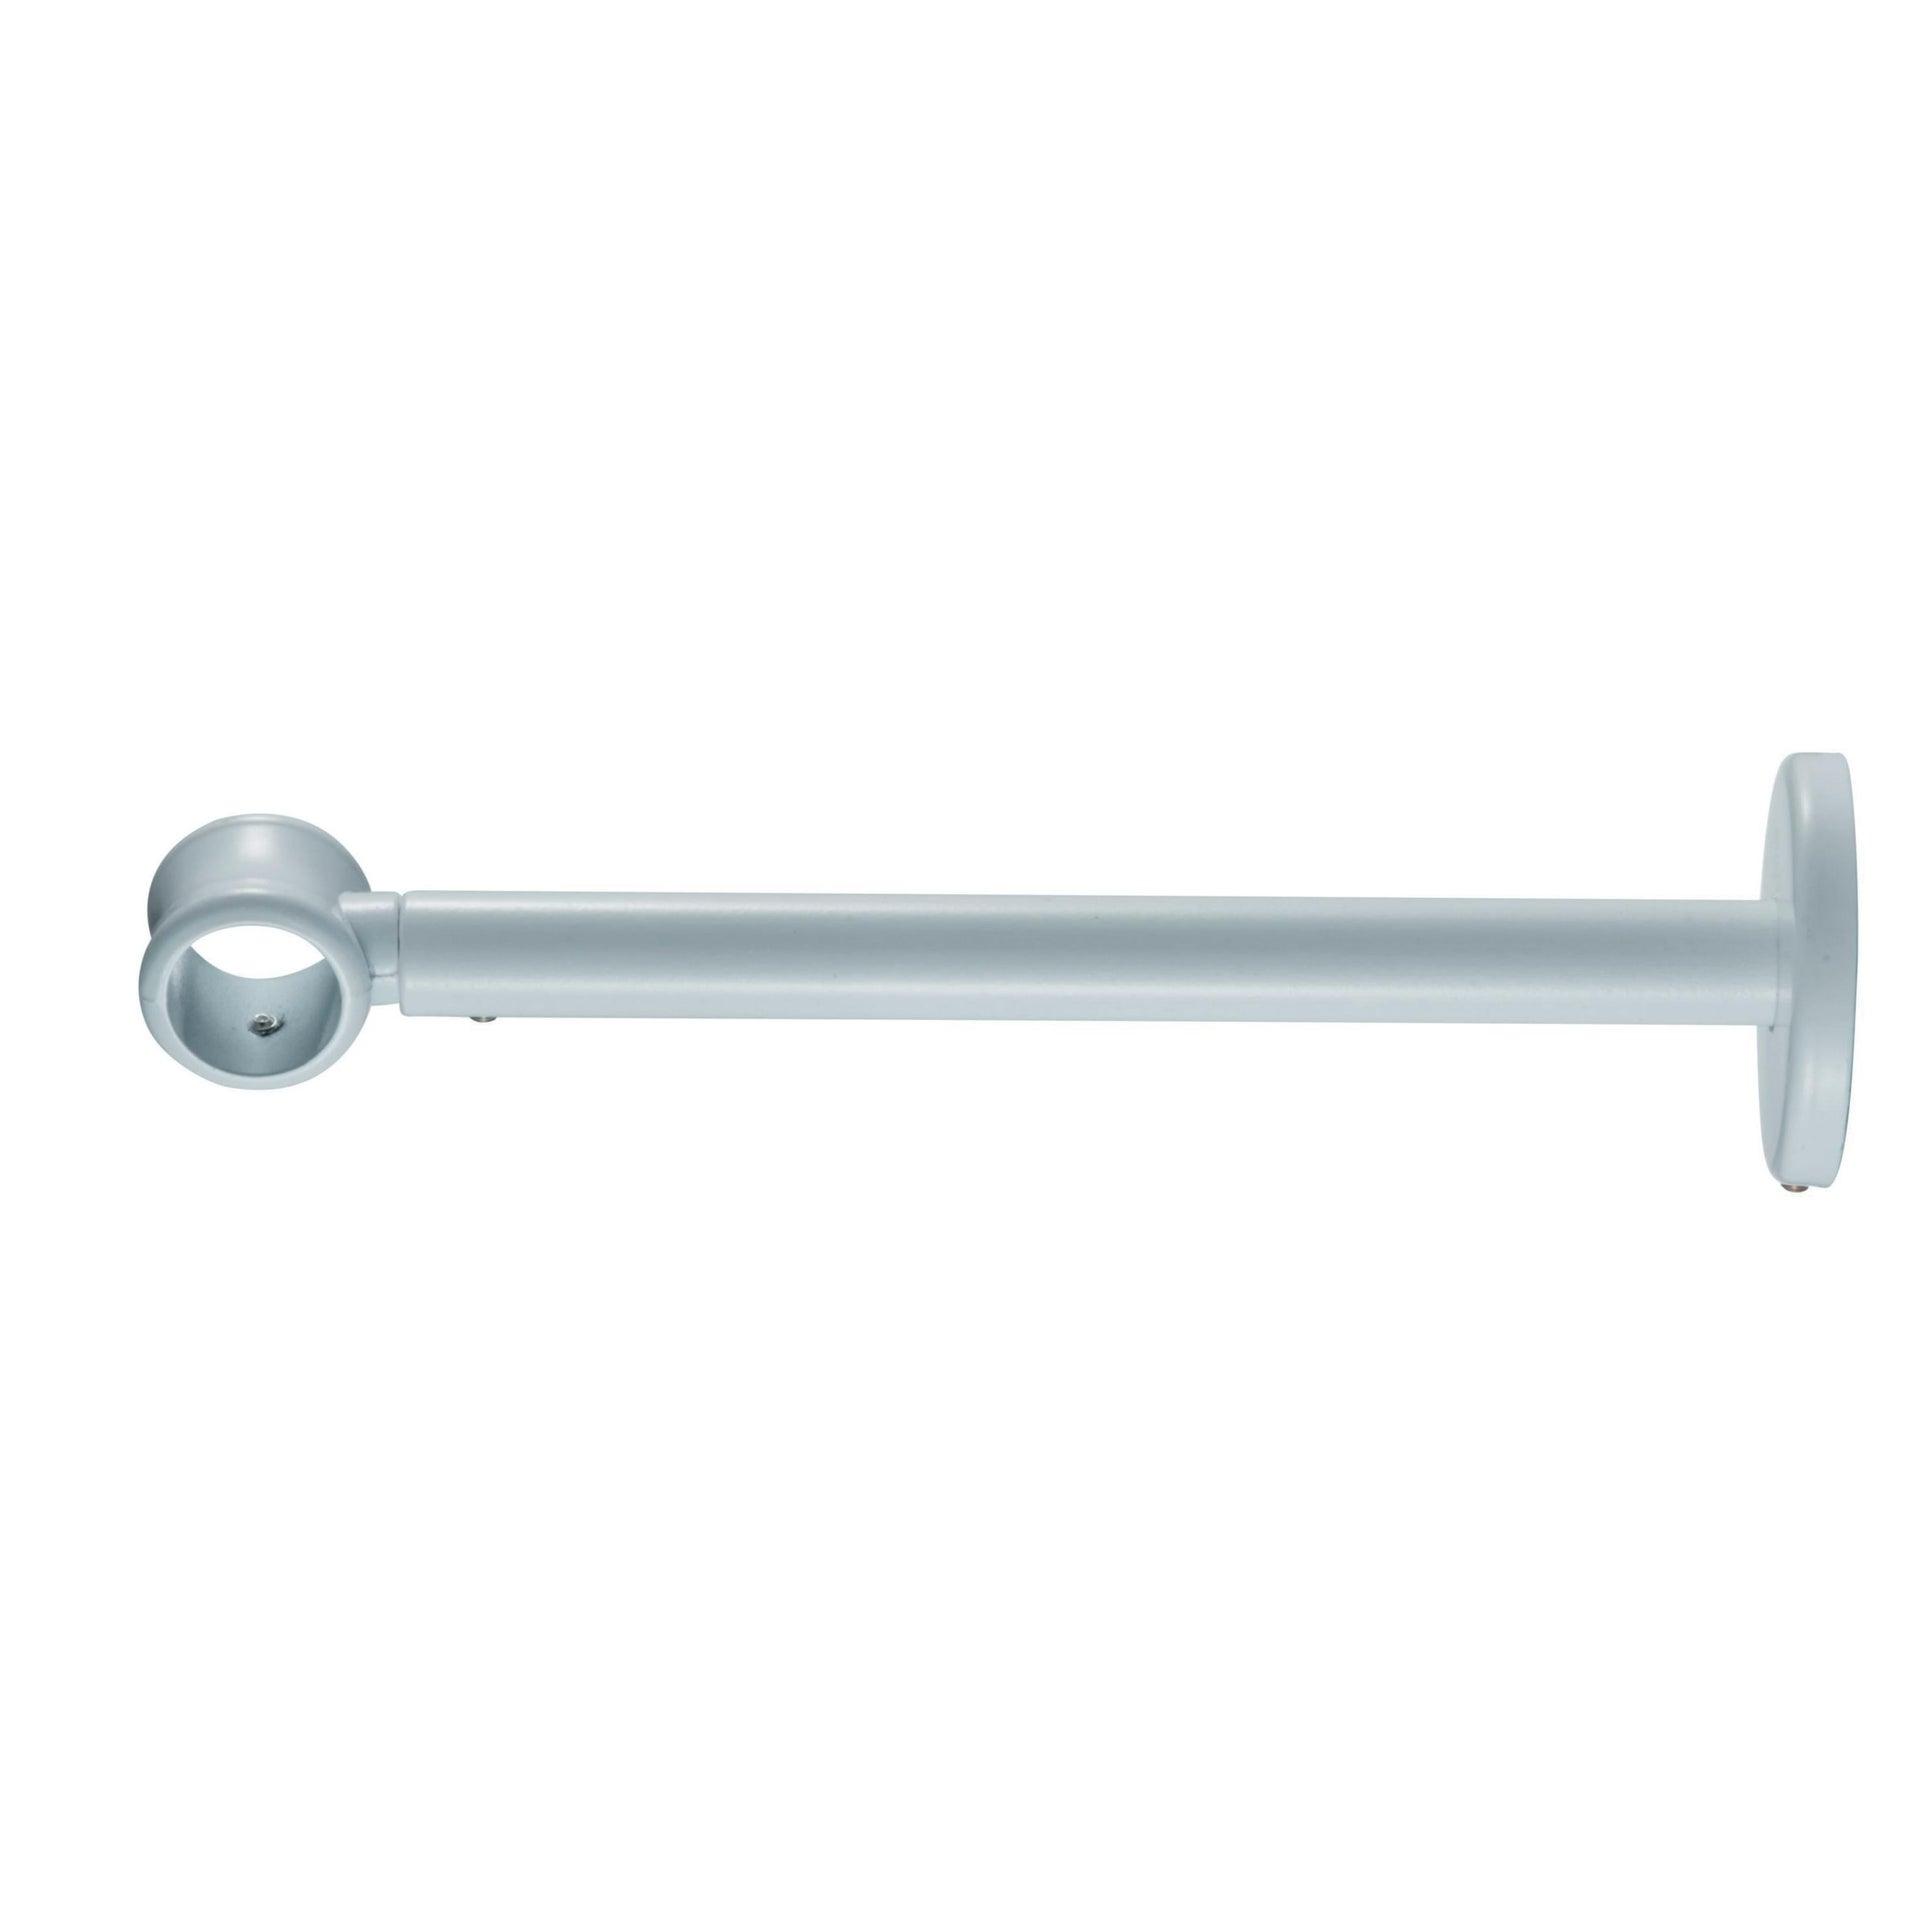 Supporto estensibile singolo chiuso estensibile Ø20mm Nilo in metallo bianco lucido 21cm INSPIRE